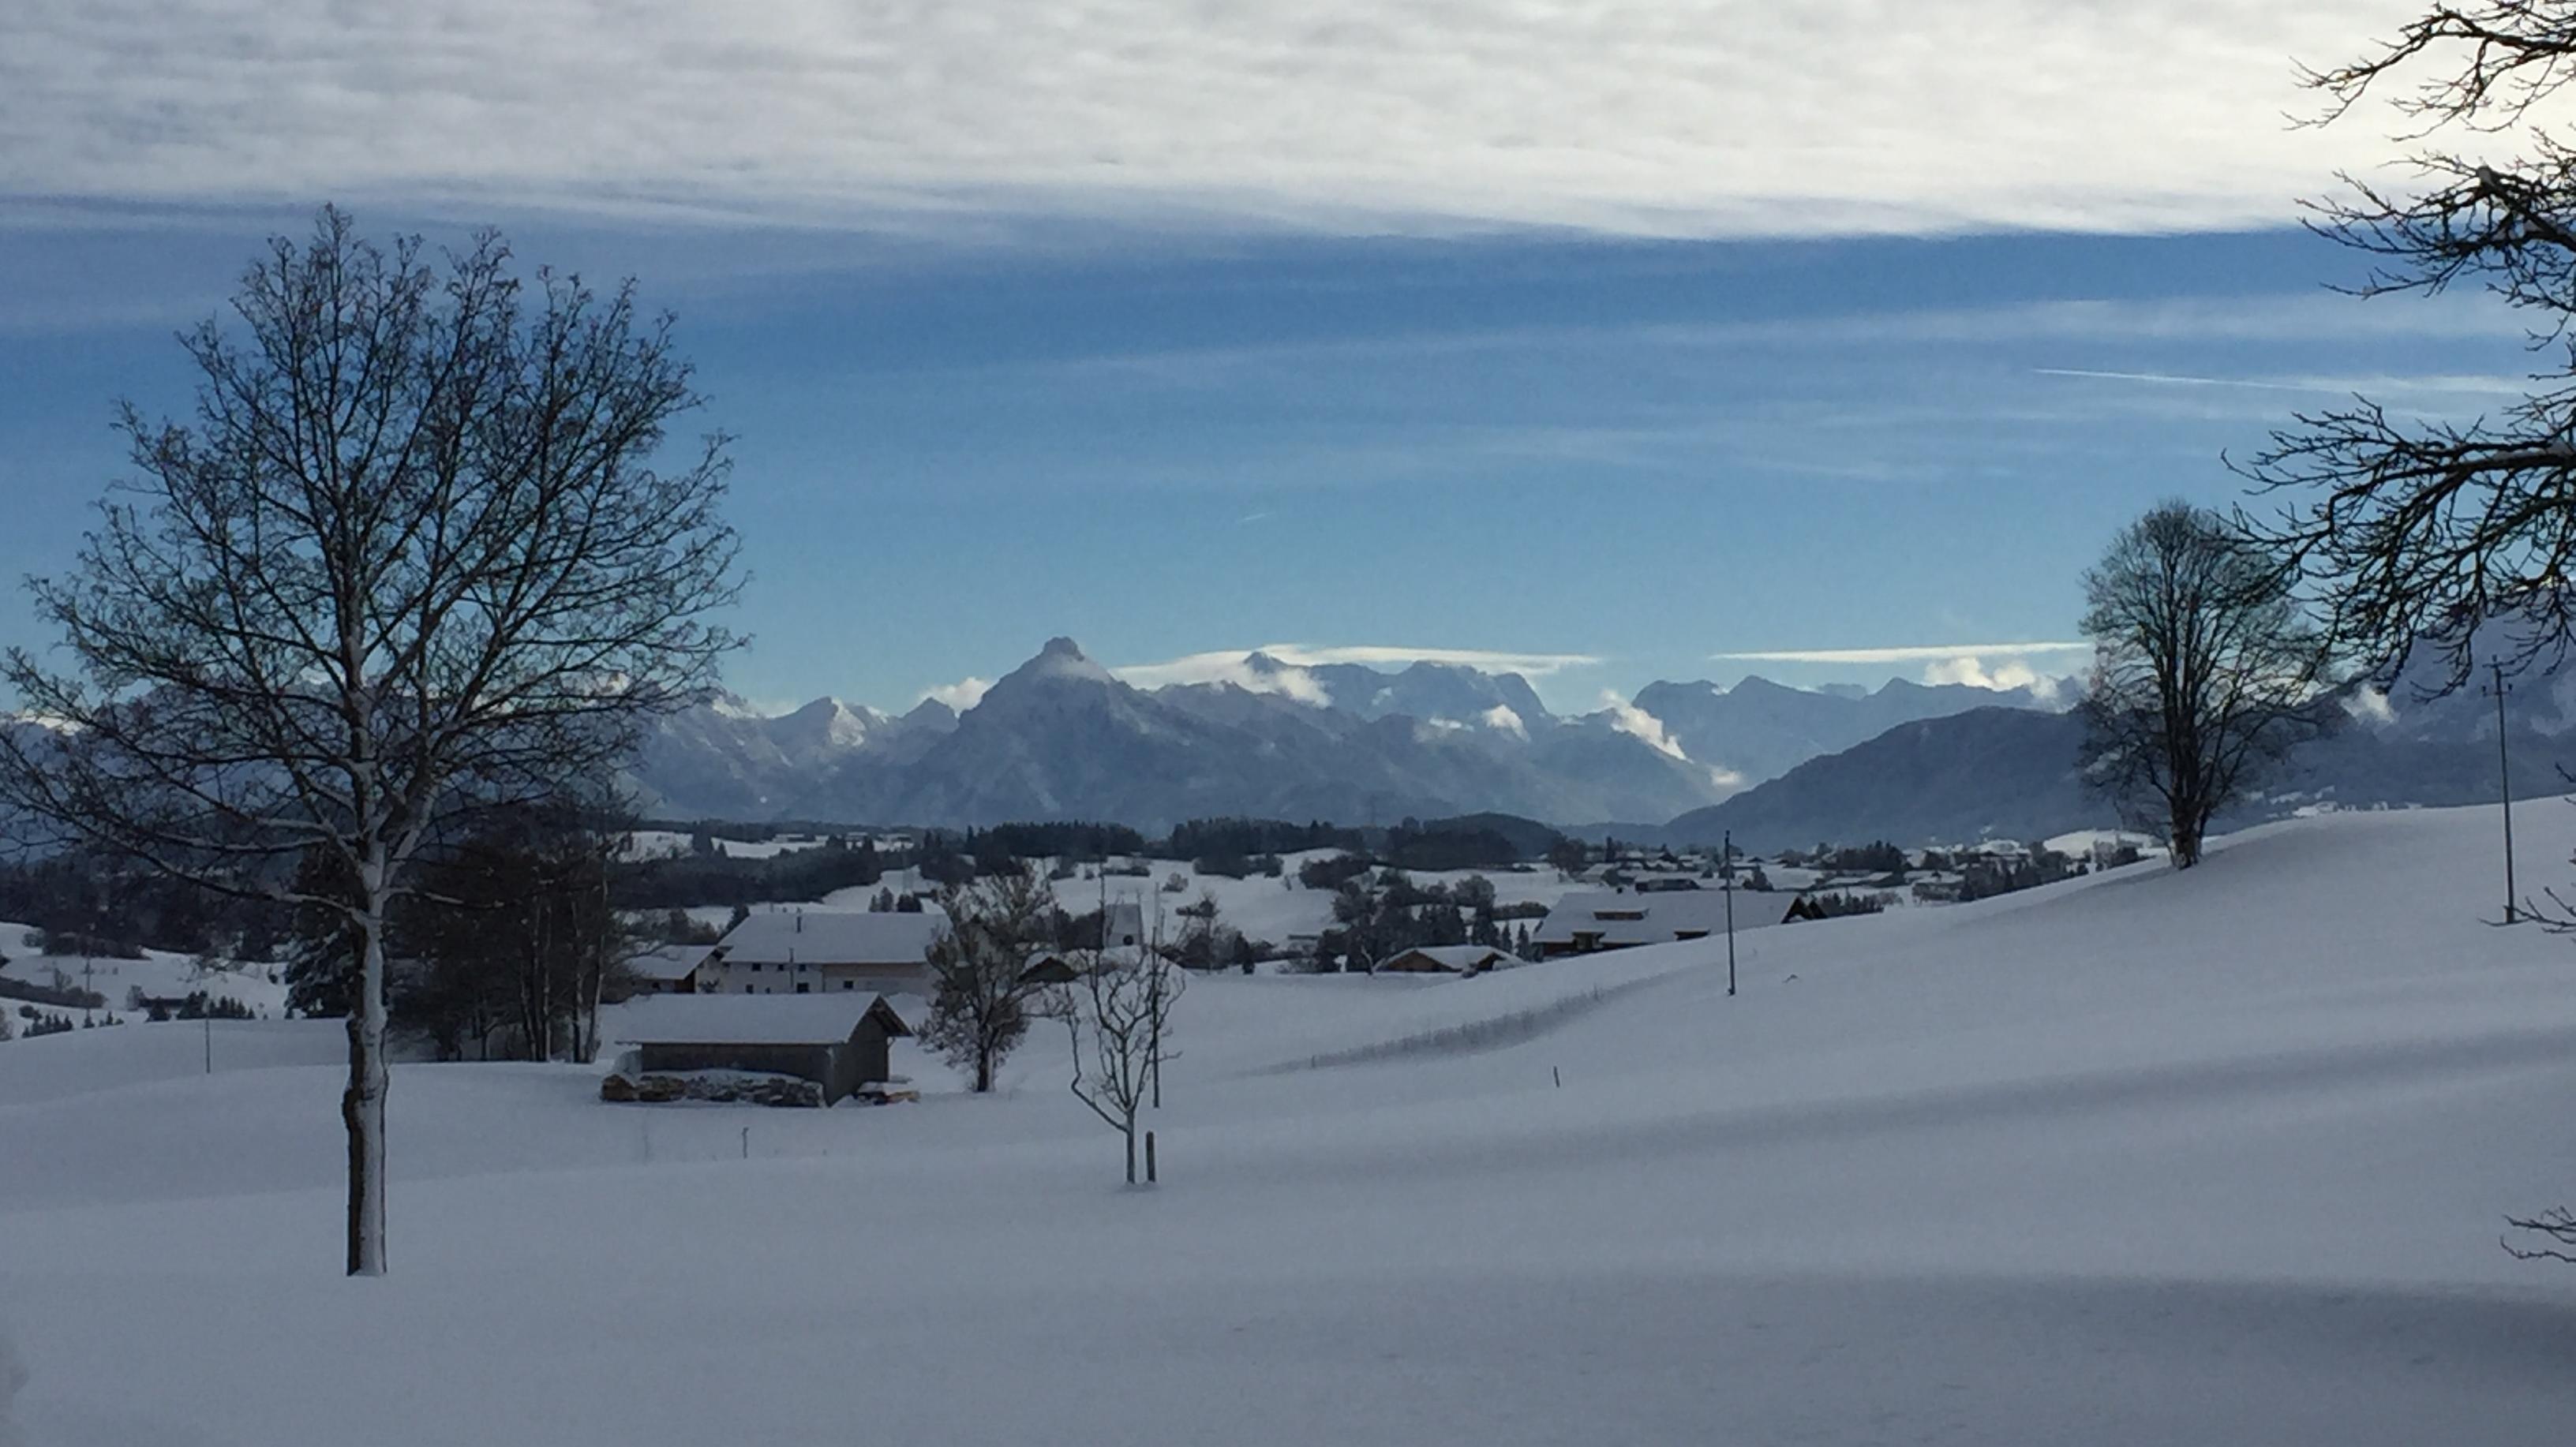 Blick von landwirtschaftlichem Weiler Bichel bei Maria Rain, Gemeinde Oy-Mittelberg (Lkr. Oberallgäu) Richtung östliche Allgäuer Alpen.